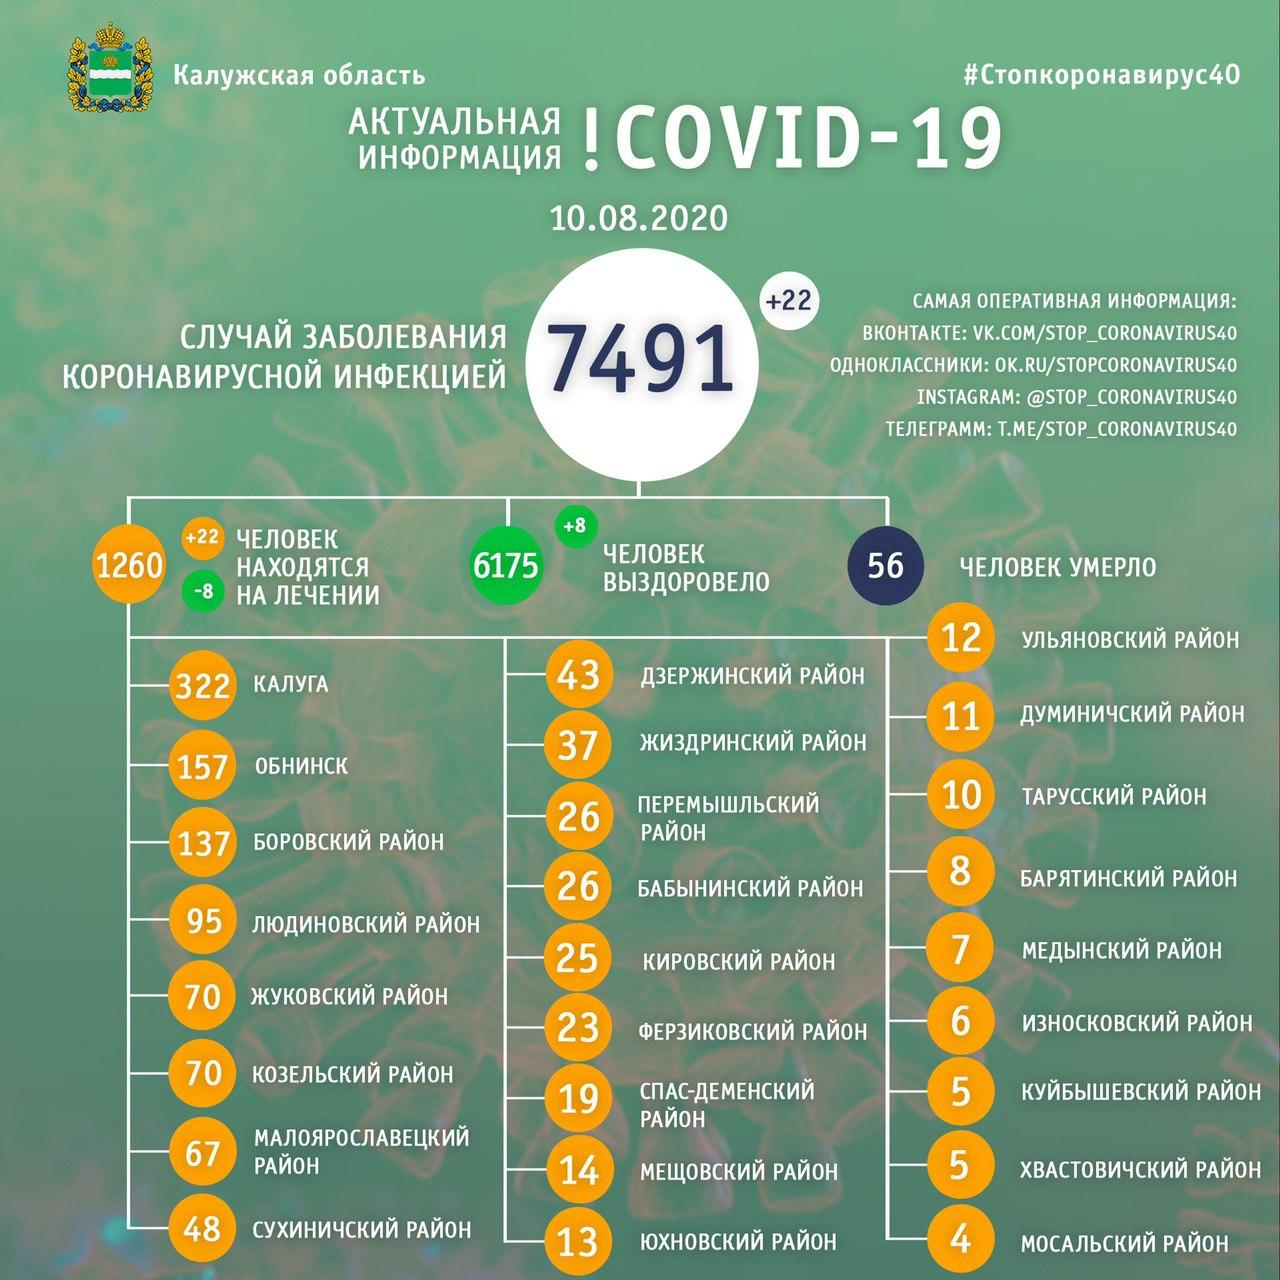 Коронавирус в Калужской области официальные данные на 10 августа 2020 года